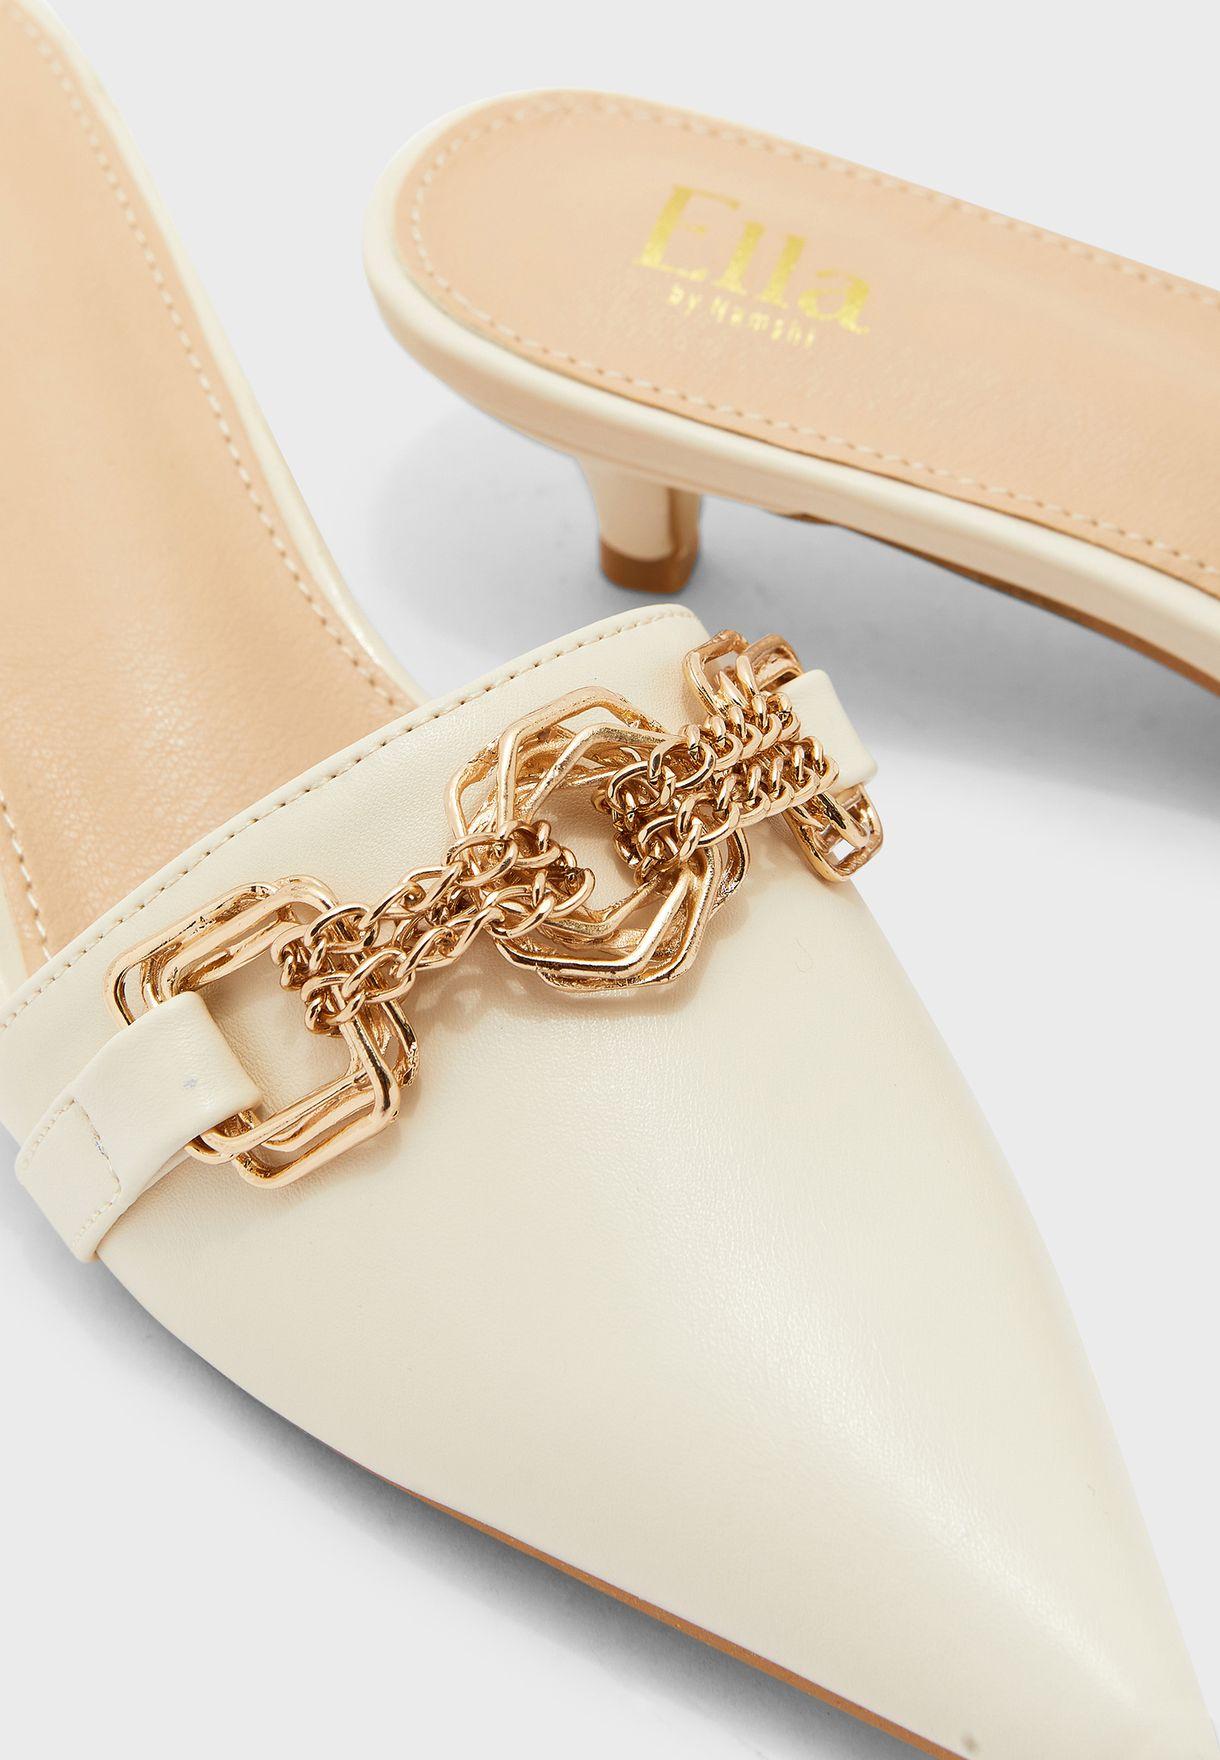 حذاء بمقدمة مدببة ومزين بسلسلة